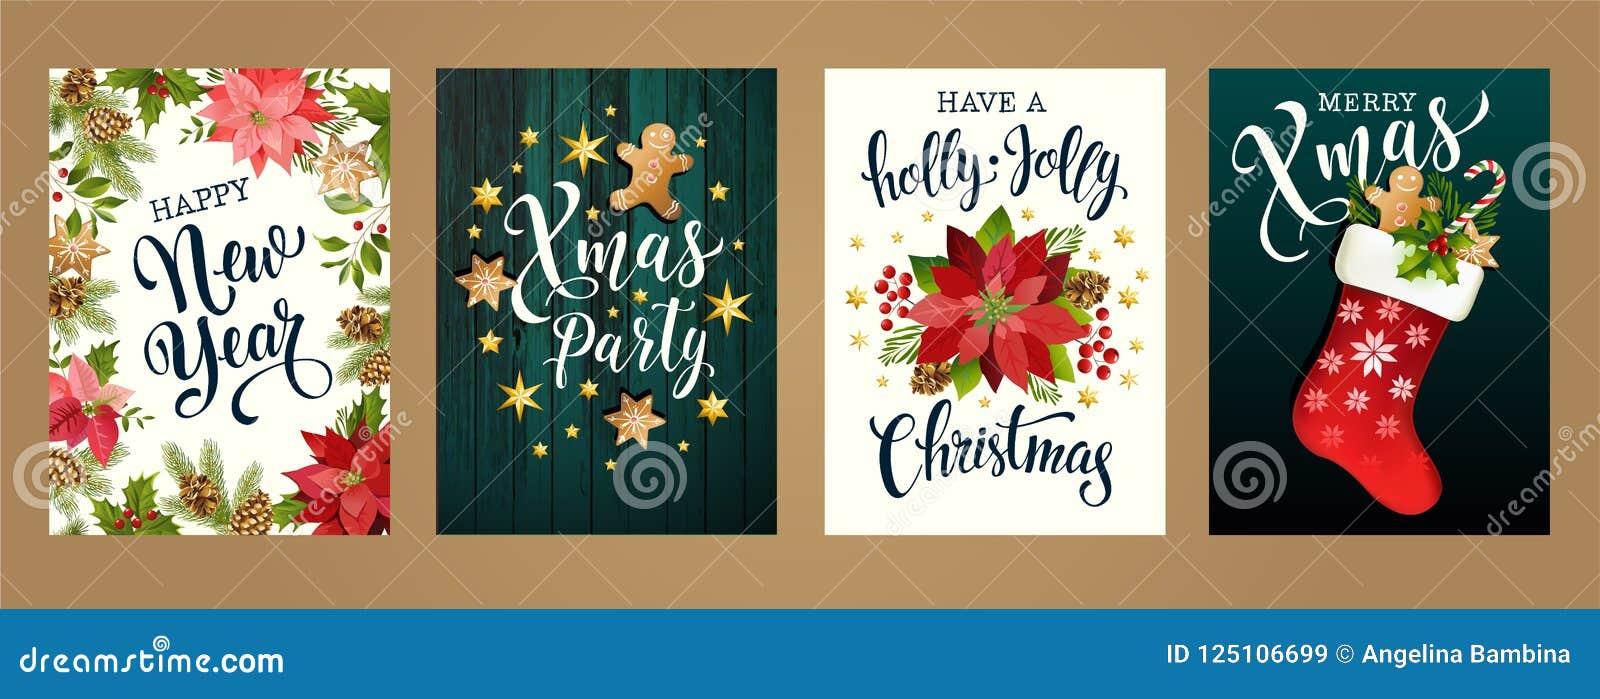 Frohe Weihnachten und guten Rutsch ins Neue Jahr 2019 weiße und schwarze Farben Entwerfen Sie für Plakat, Karte, Einladung, Karte